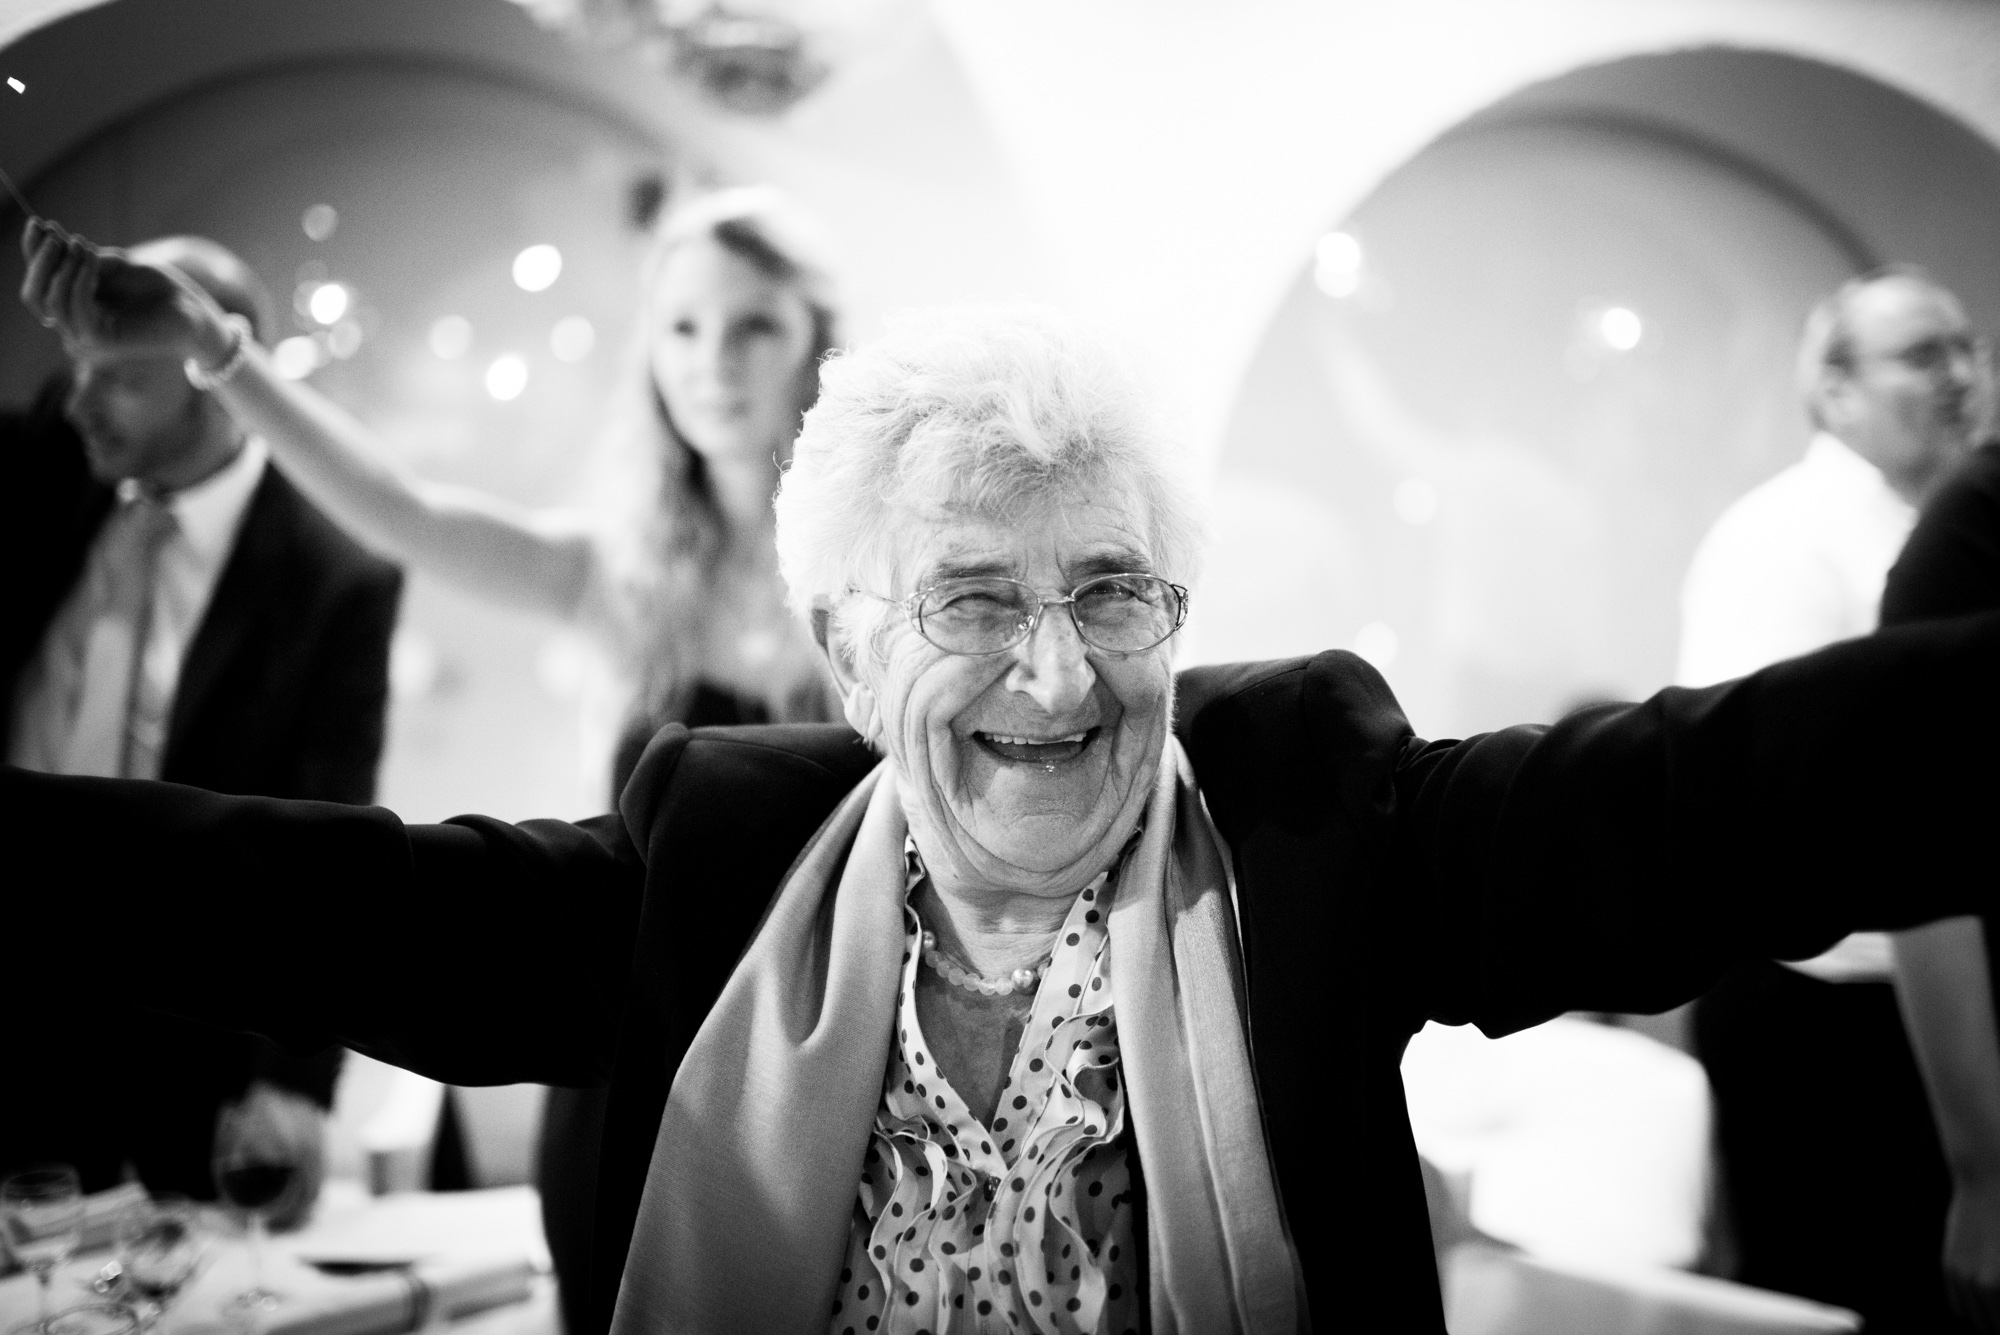 Fotograf Konstanz - Als Hochzeitsfotograf in Bad Dürrheim unterwegs  - 56 -